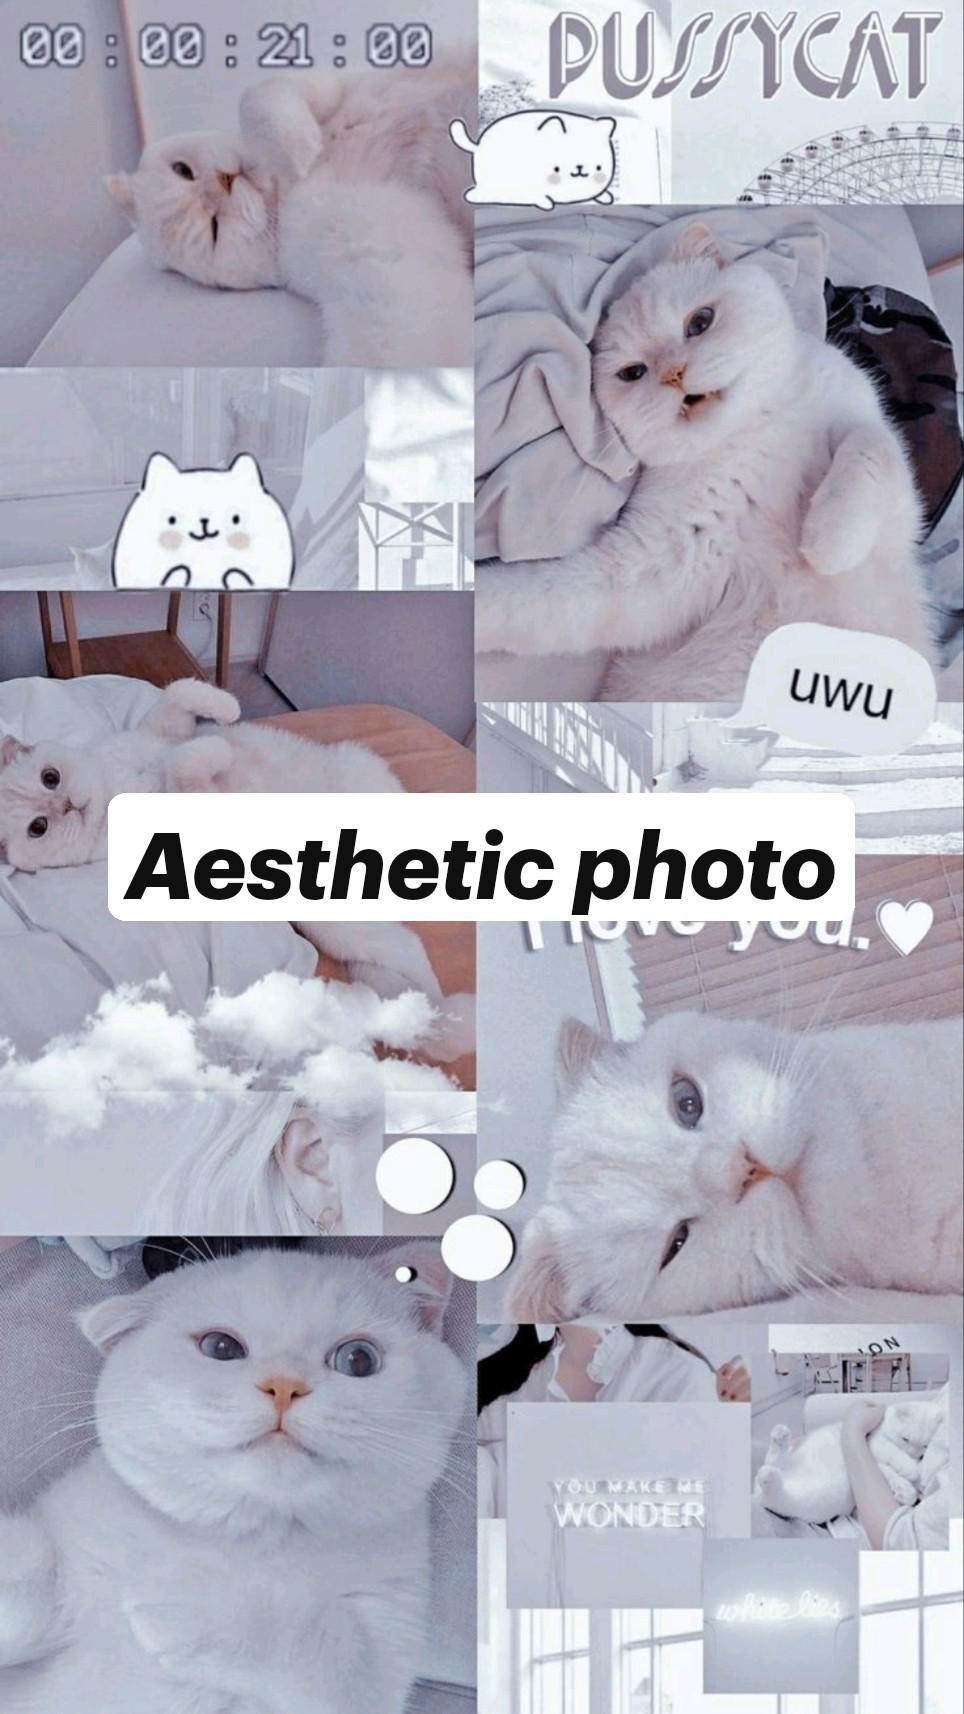 Aesthetic photo